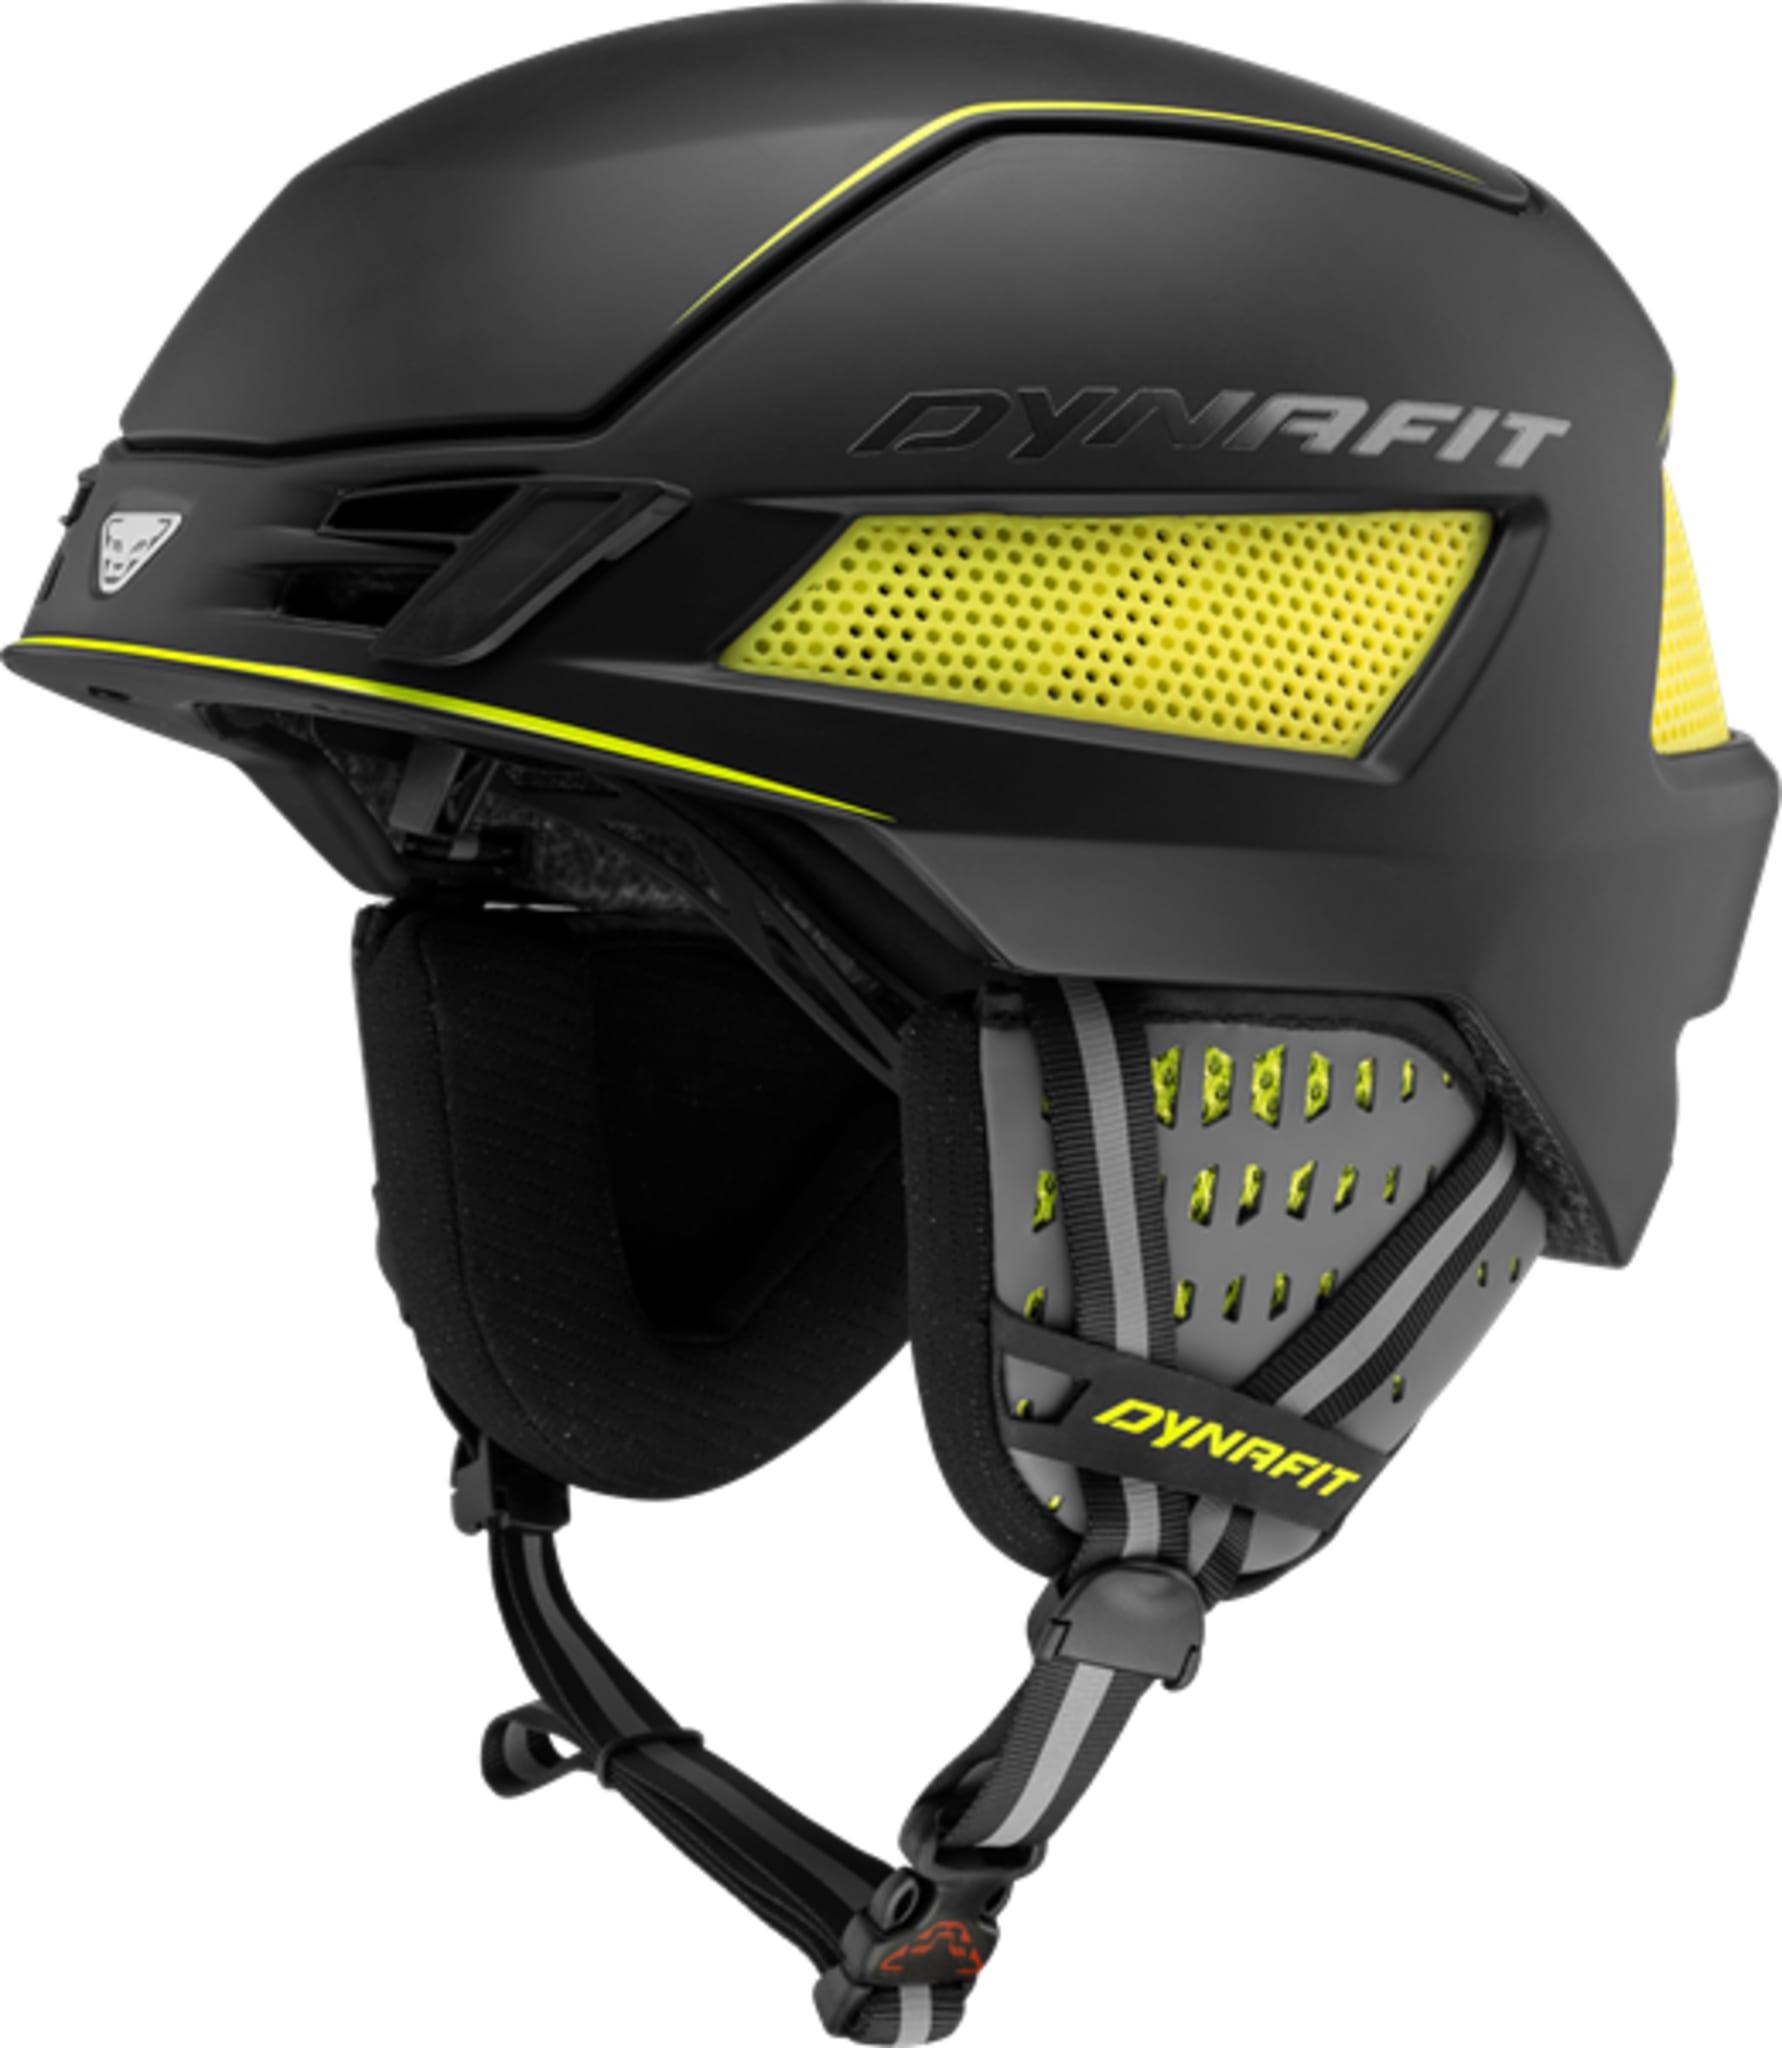 Lett og luftig hjelm, godkjent for ski og klatring